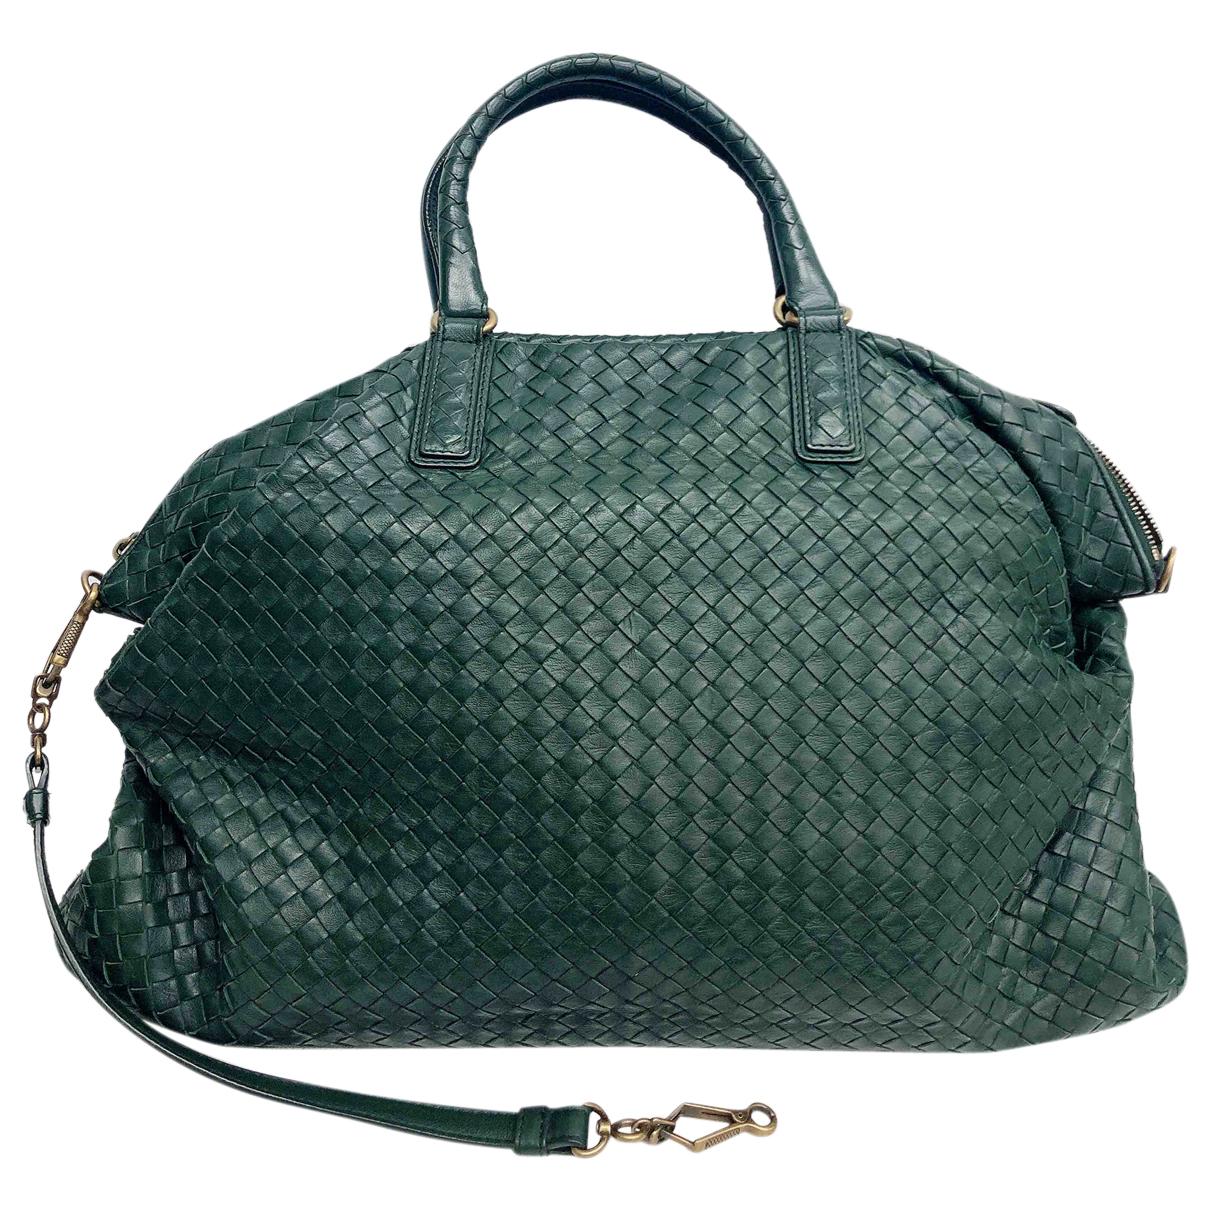 Bottega Veneta - Sac a main   pour femme en cuir - vert